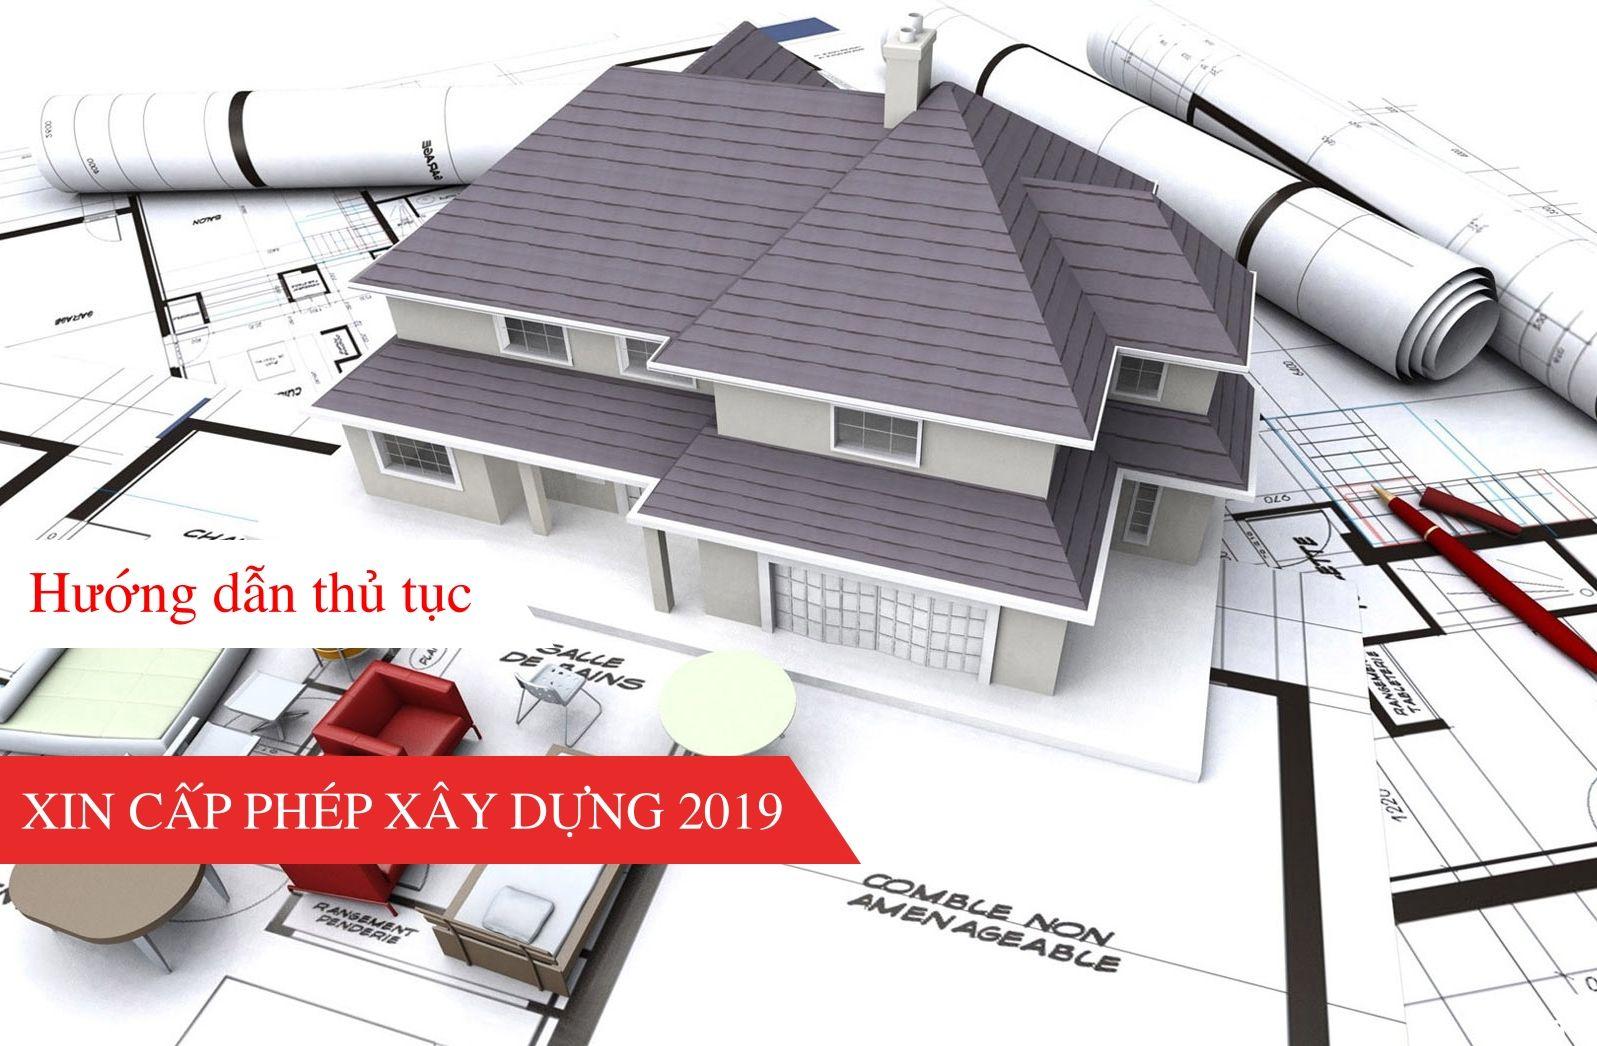 Thủ tục & quy trình xin cấp phép xây dựng nhà tại Hà Nội